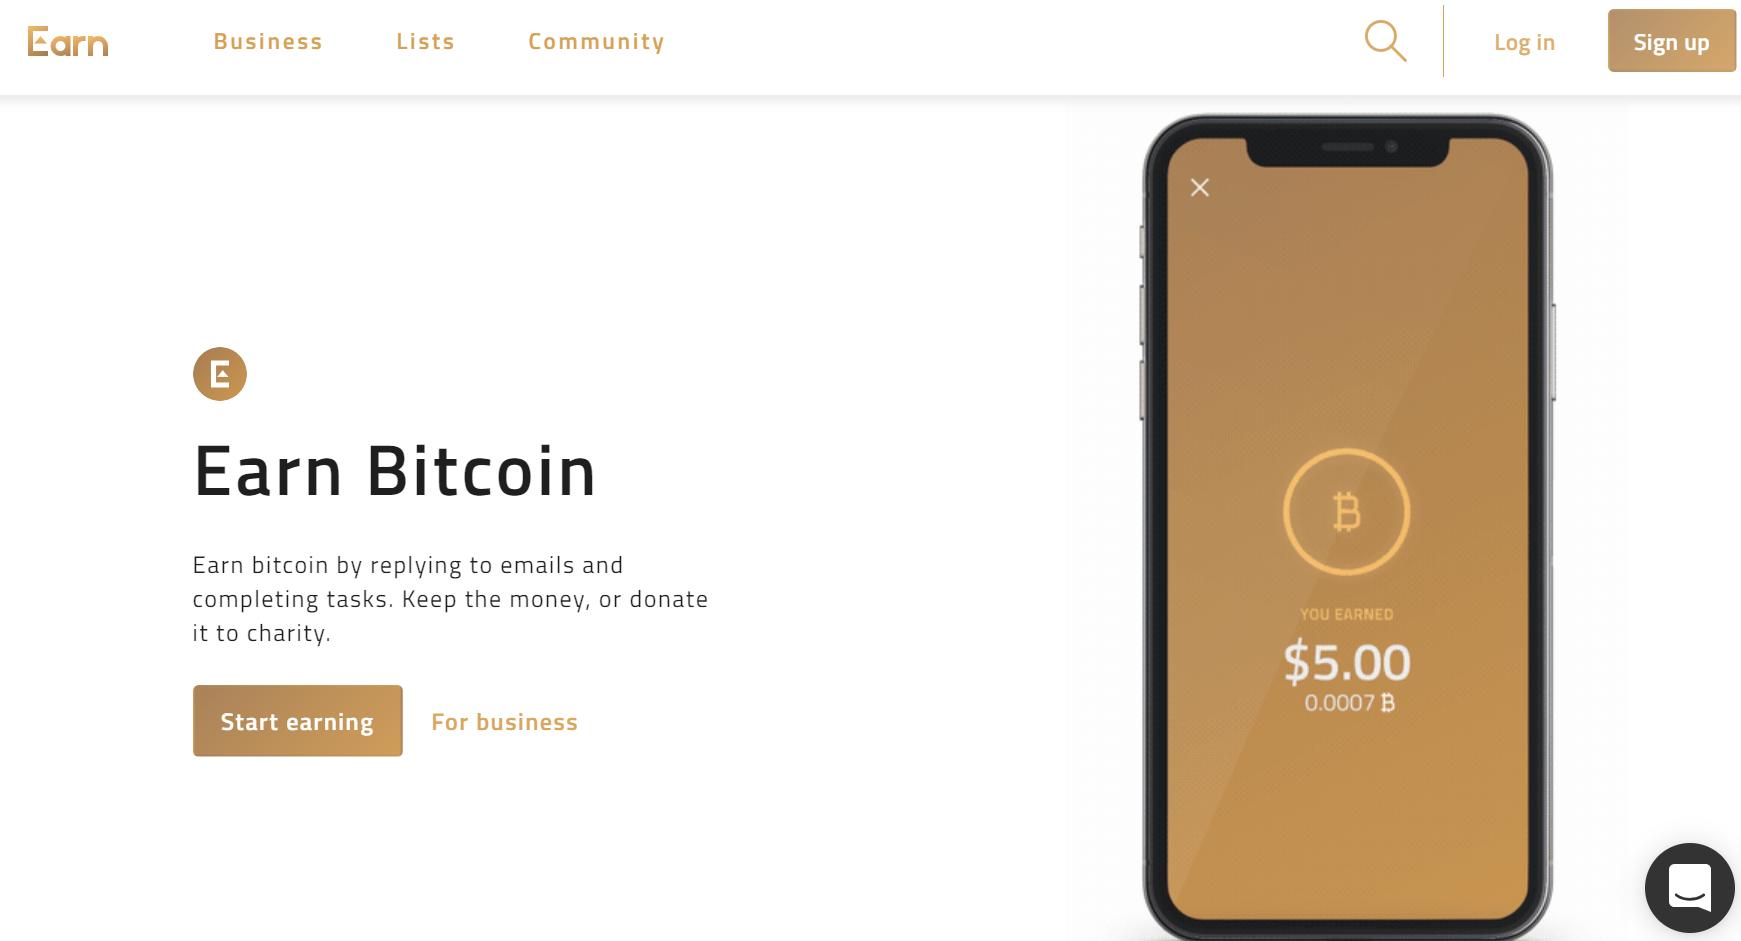 hogyan lehet gyorsan keresni bitcoin